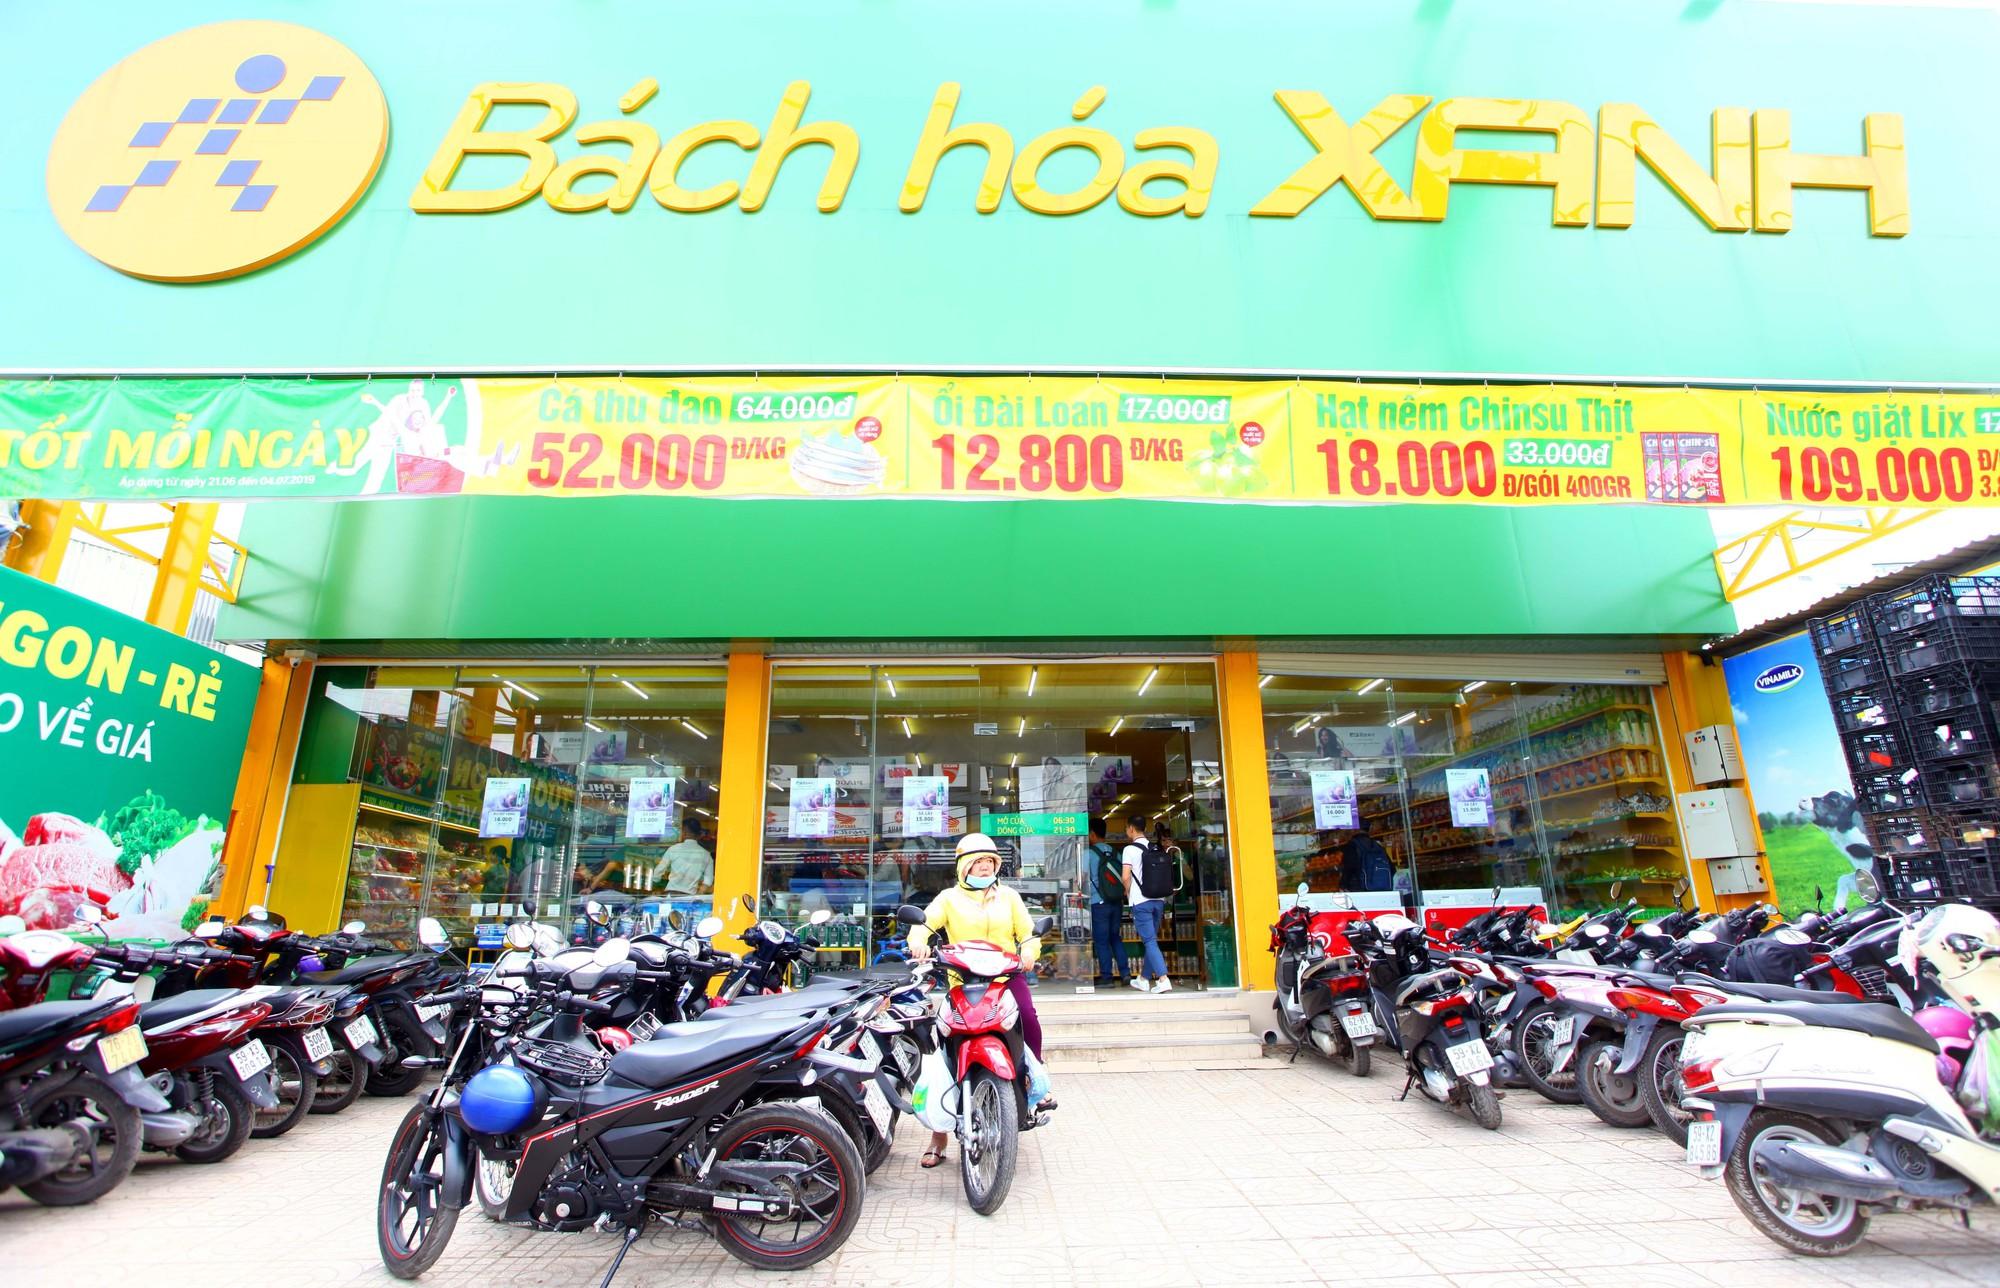 CEO Bách hóa Xanh: 'Mở cửa hàng bán rau, tháng thu 2 tỷ nghe điên rồ' - Ảnh 2.